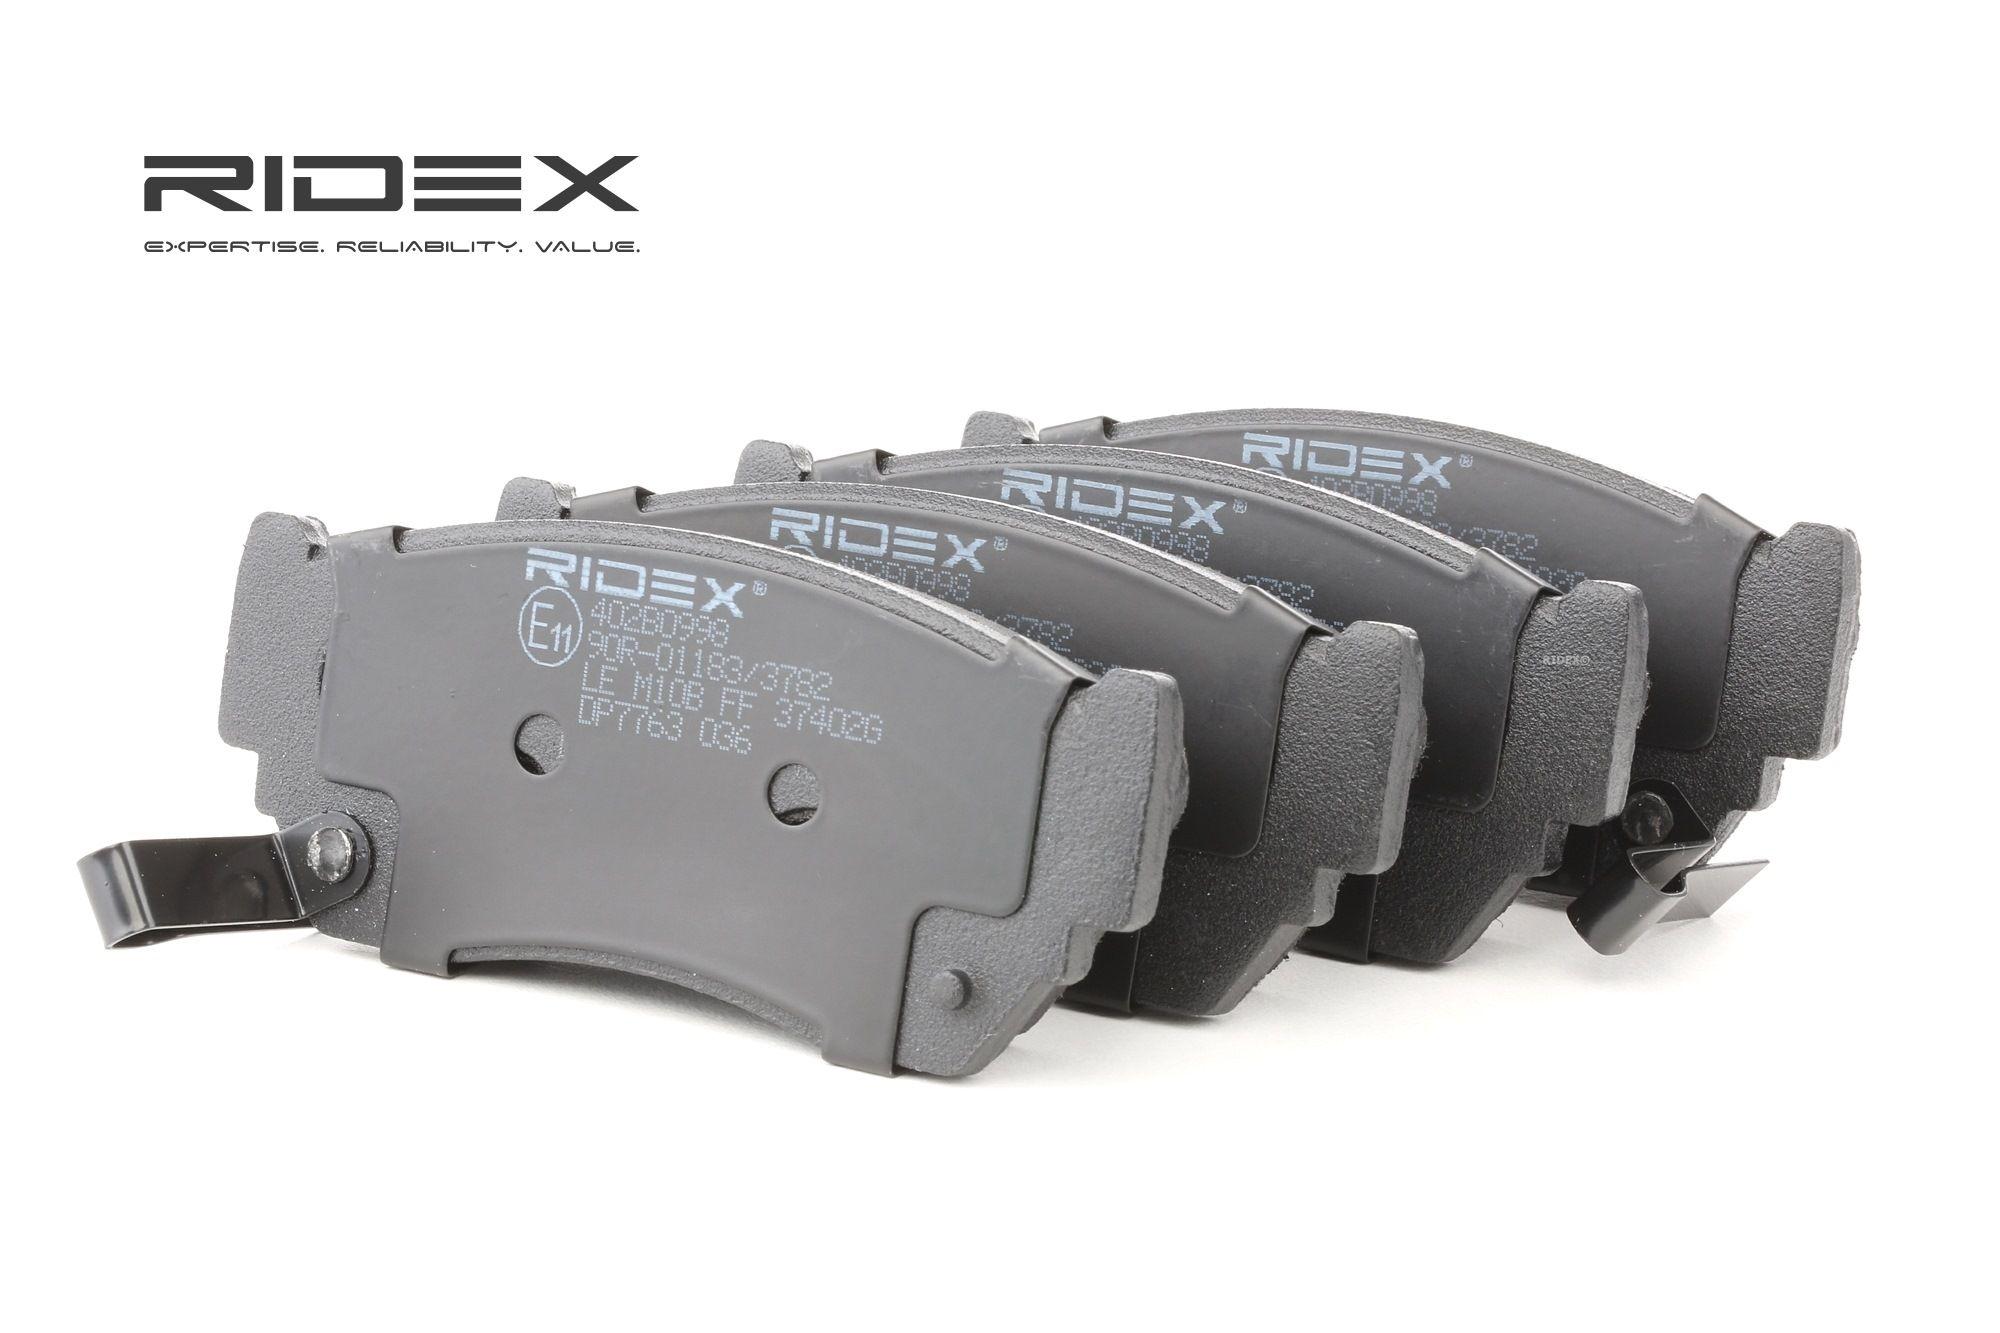 Bremsbelagsatz RIDEX 402B0998 Bewertung